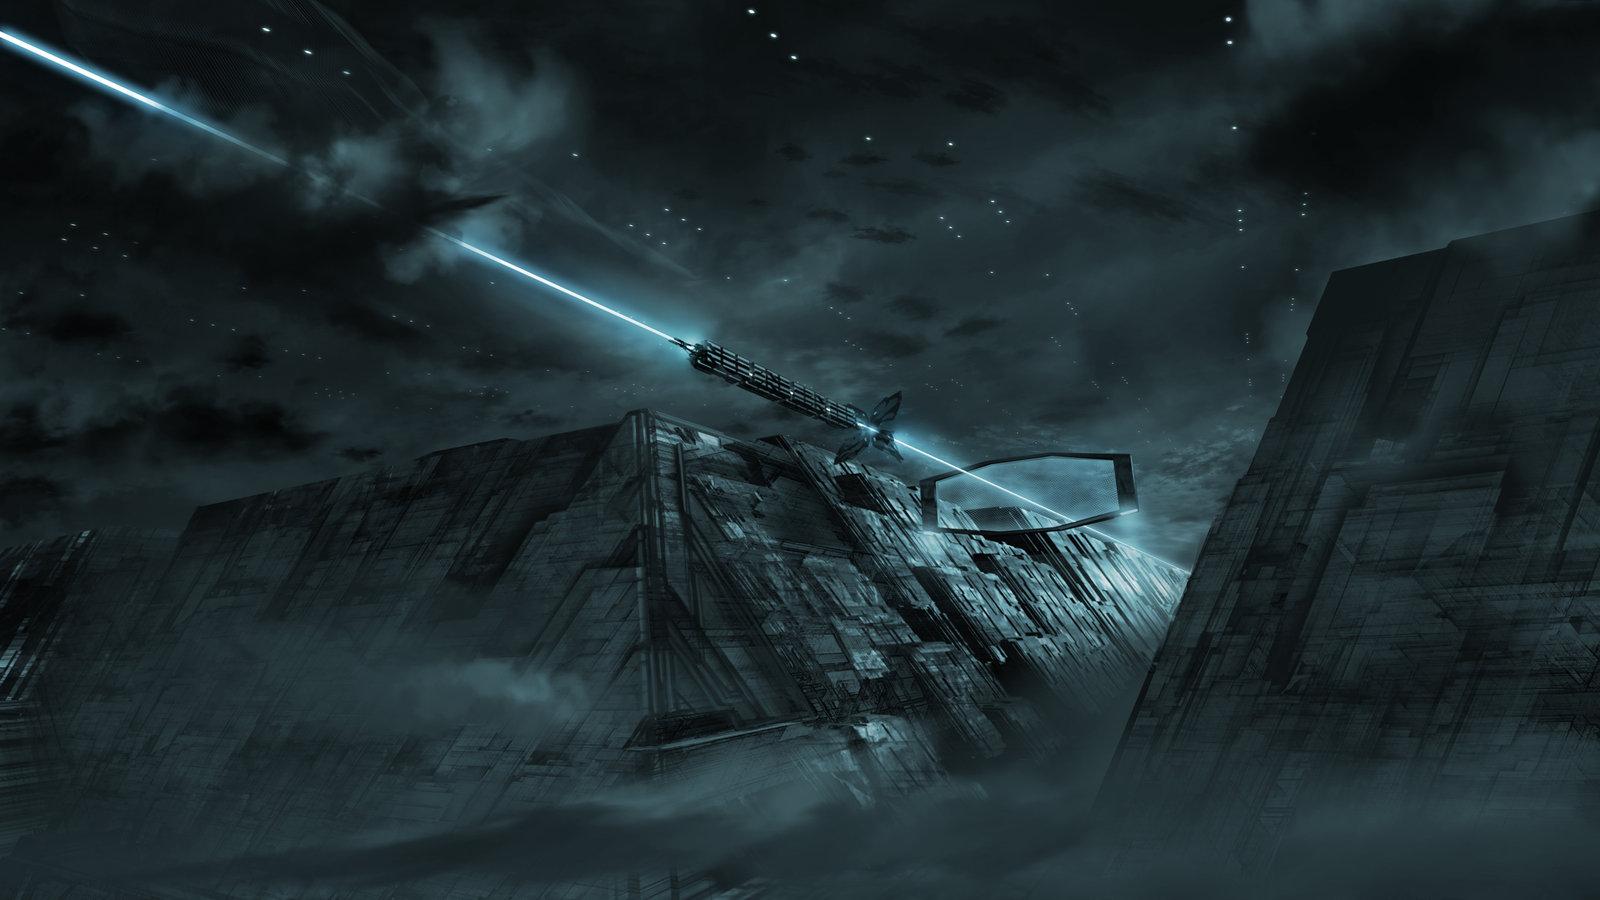 Sci-Fi-art-775181.jpeg - -